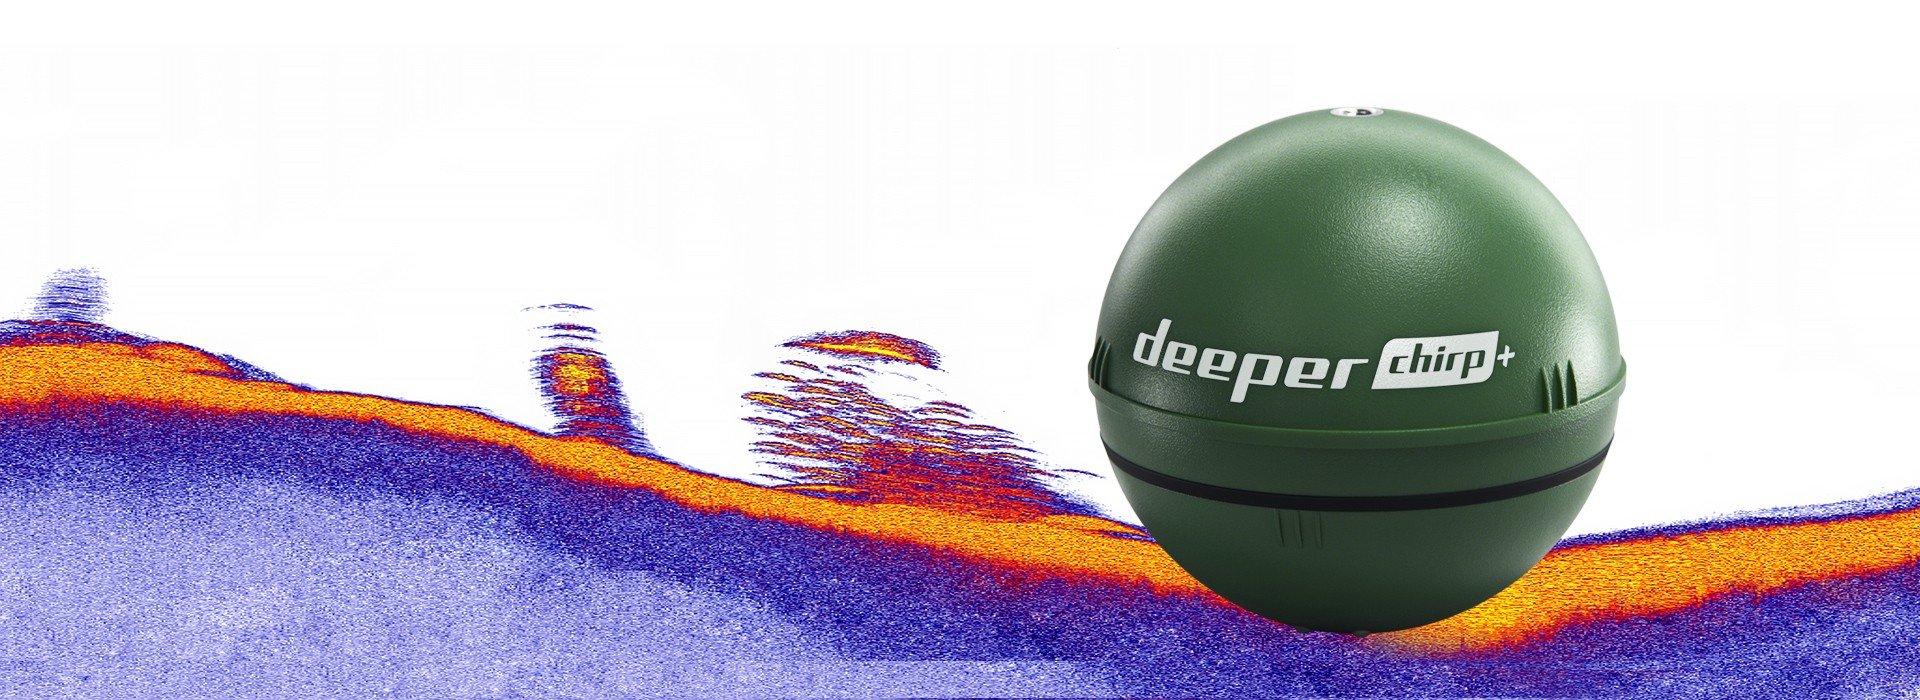 Рыбалка будущегоЕдинственный в мире забрасываемый эхолот с технологией CHIRP и встроенным GPS-модулем